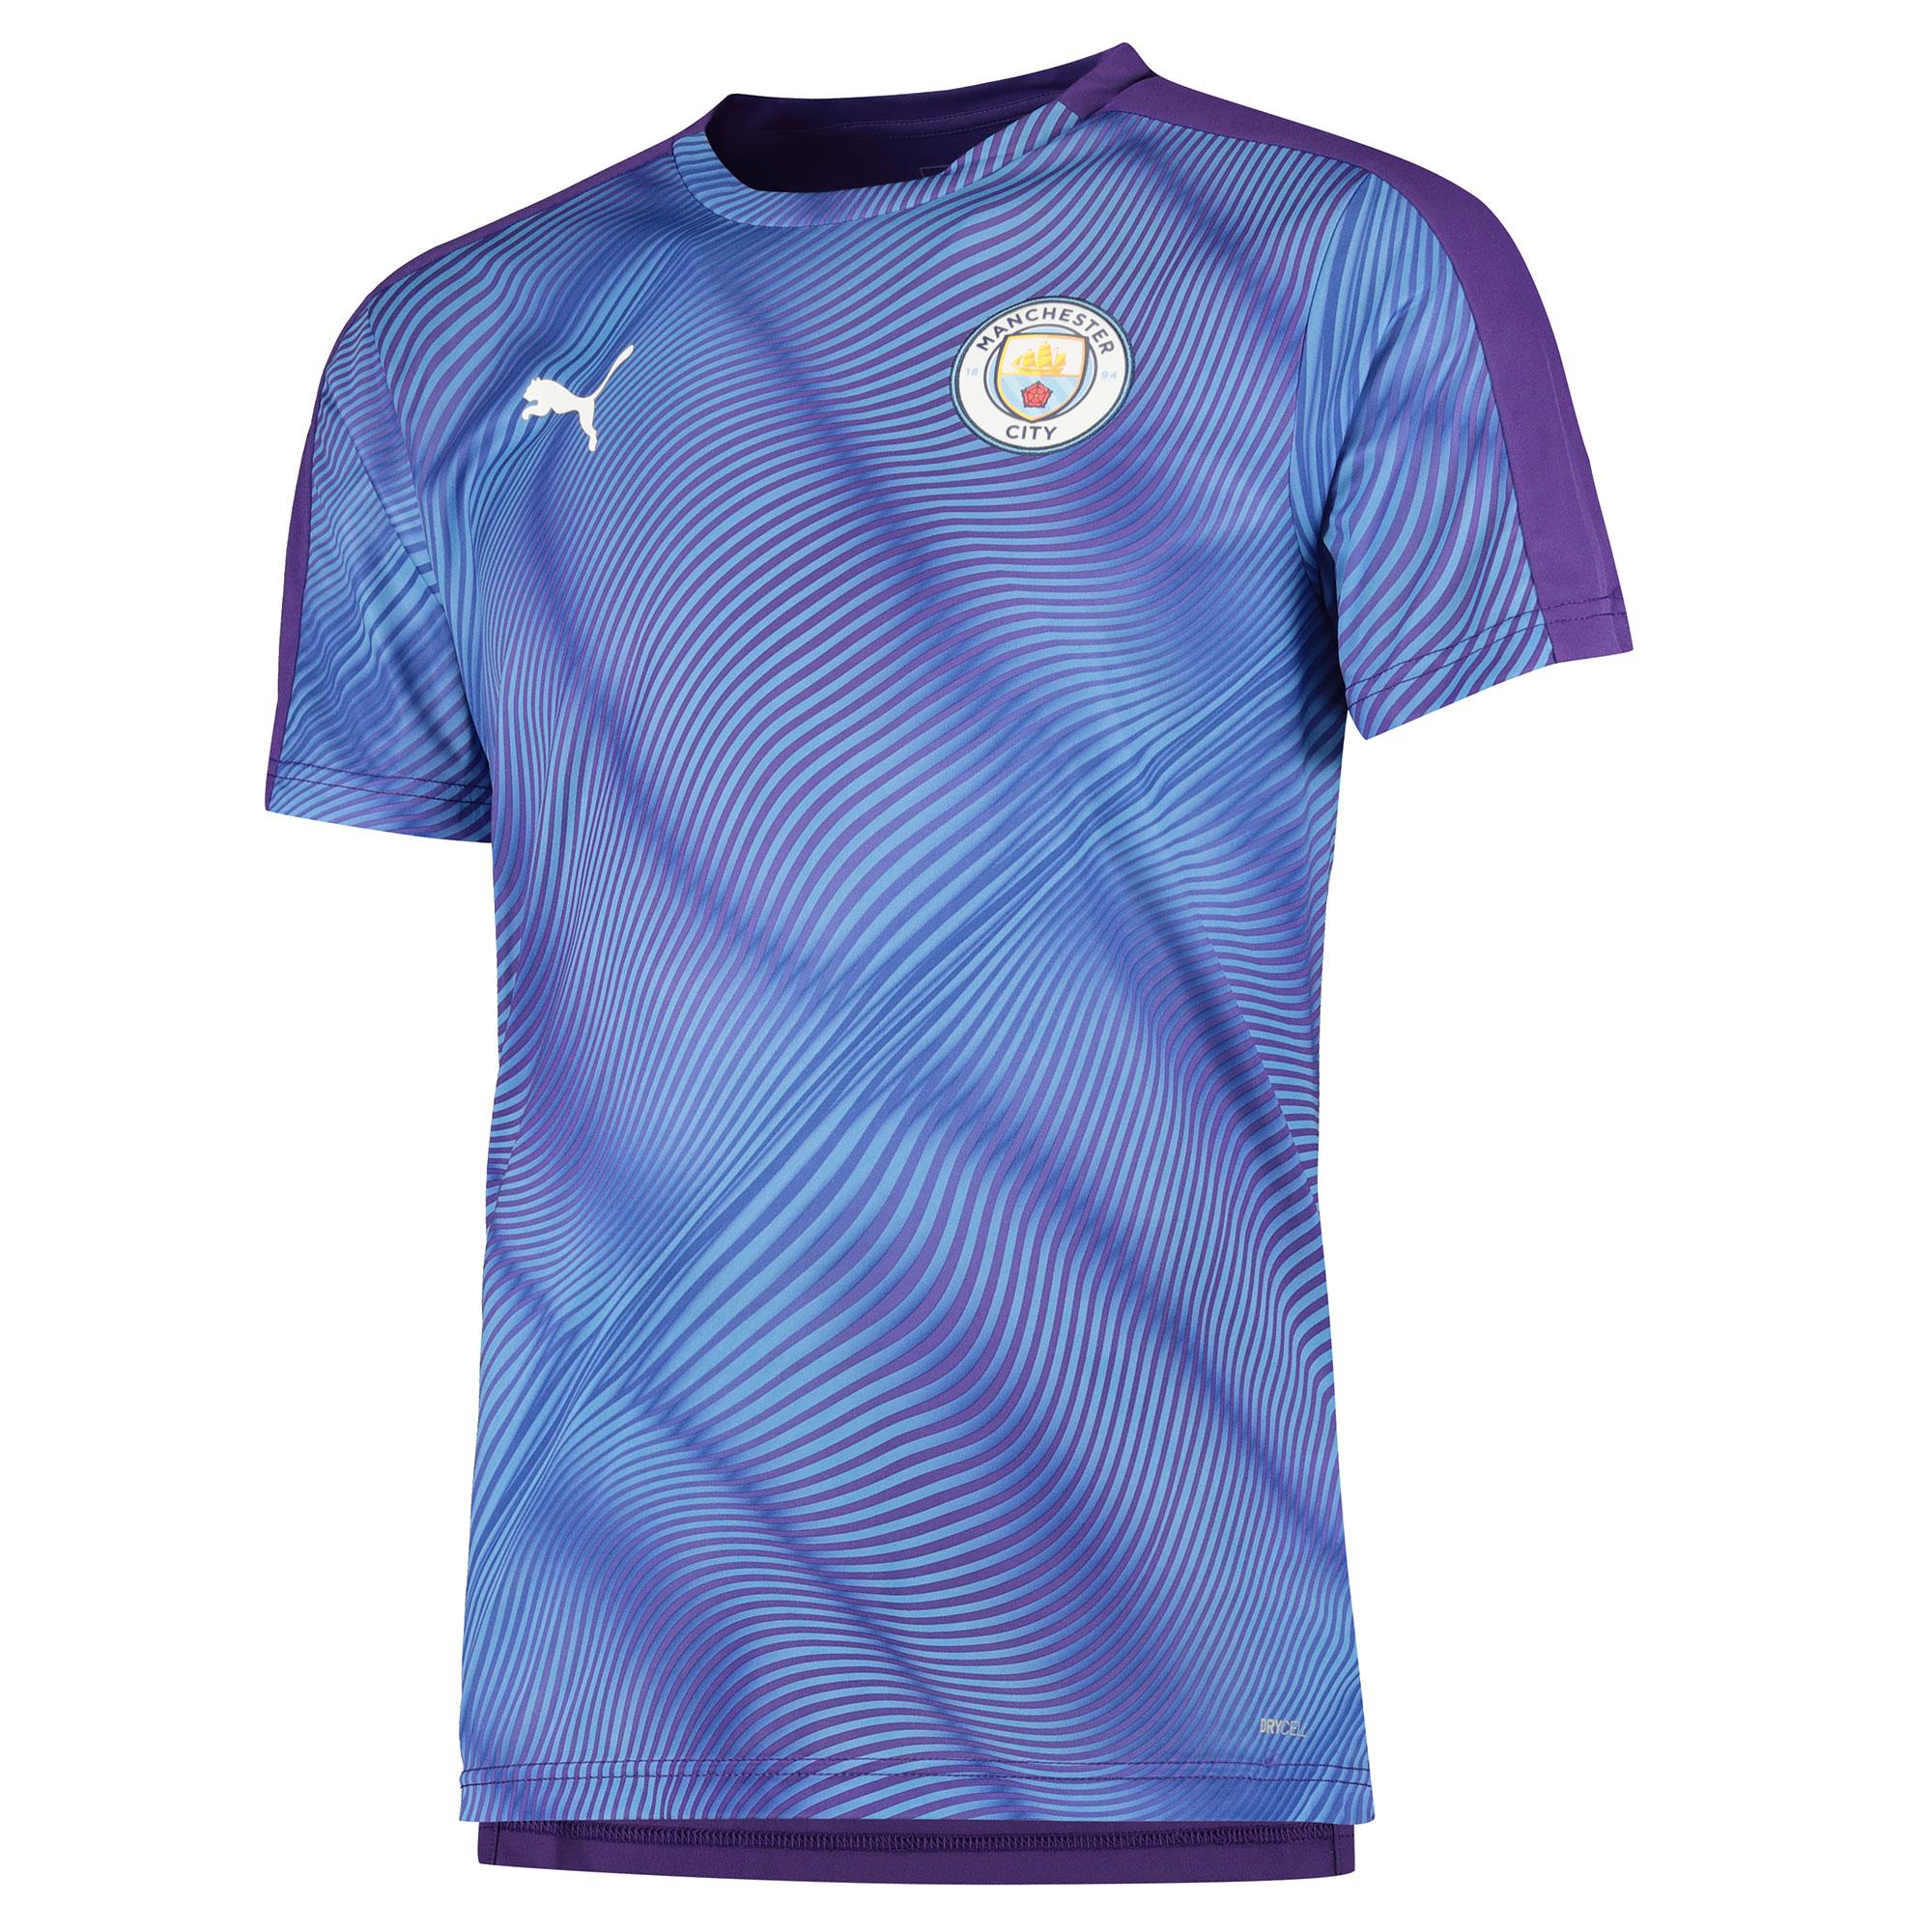 Jersey con el estadio del Manchester City - púrpura